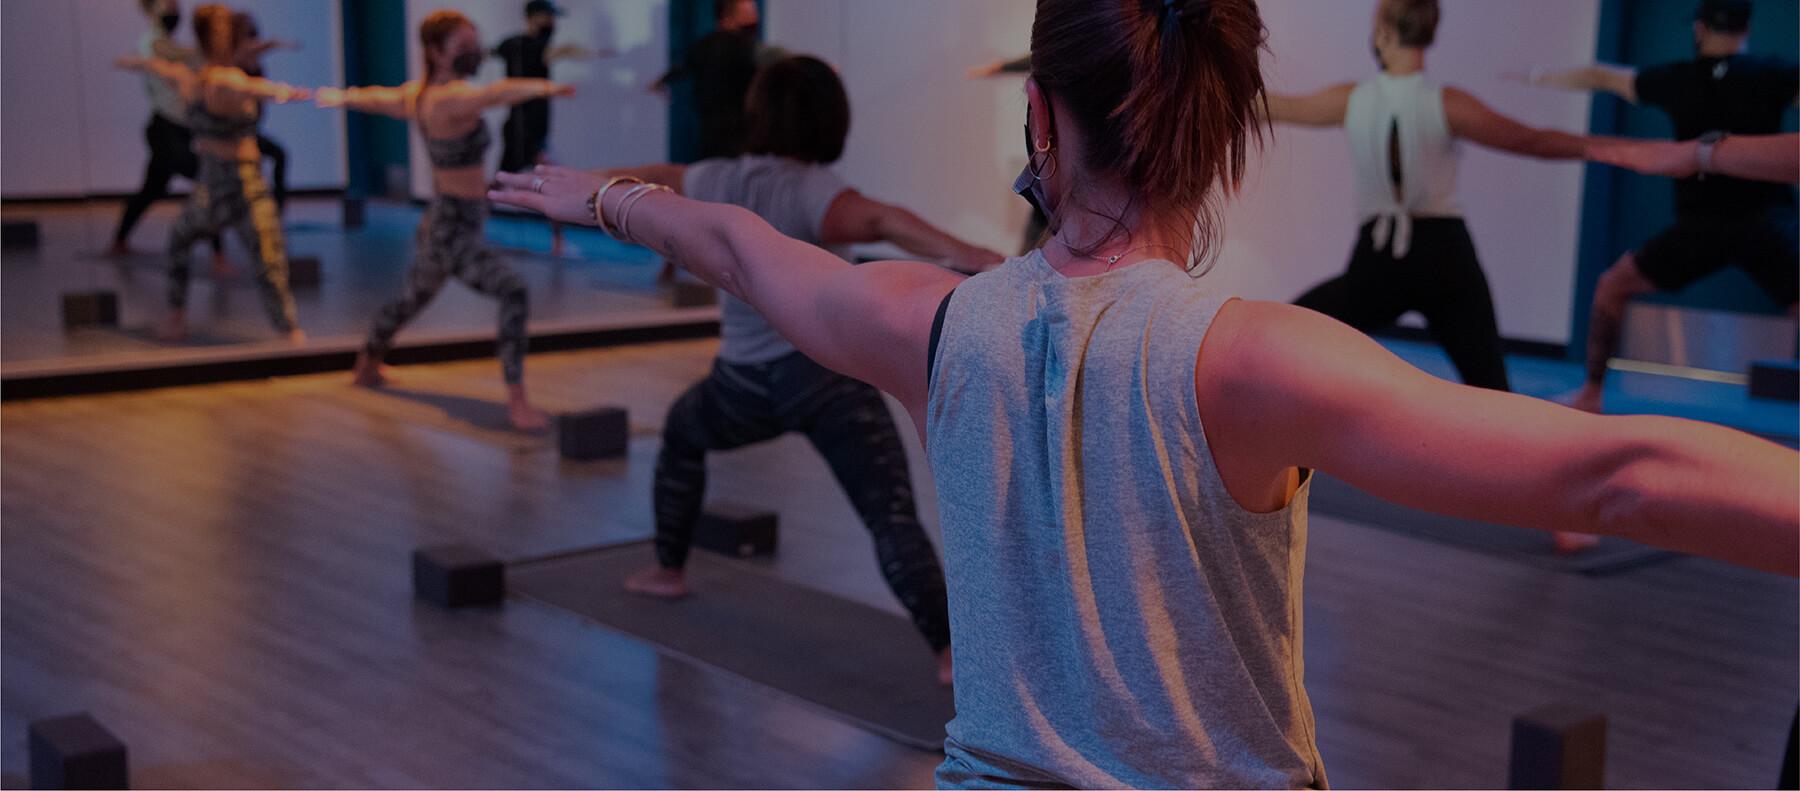 YogaSix Class Participants